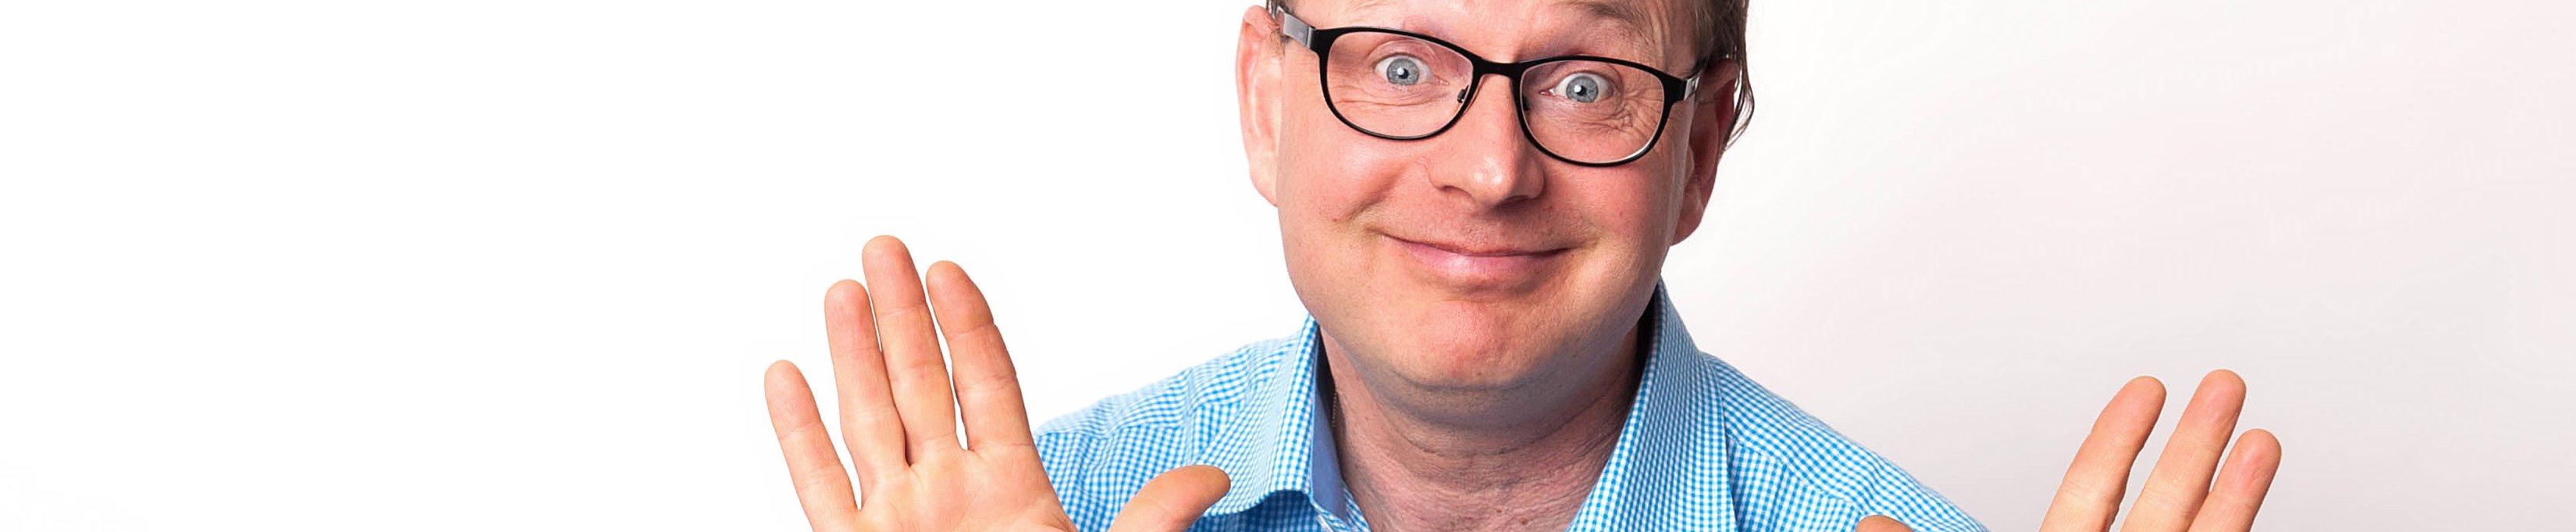 Ralf Käppler mit lächeln und abwehrenden Händen